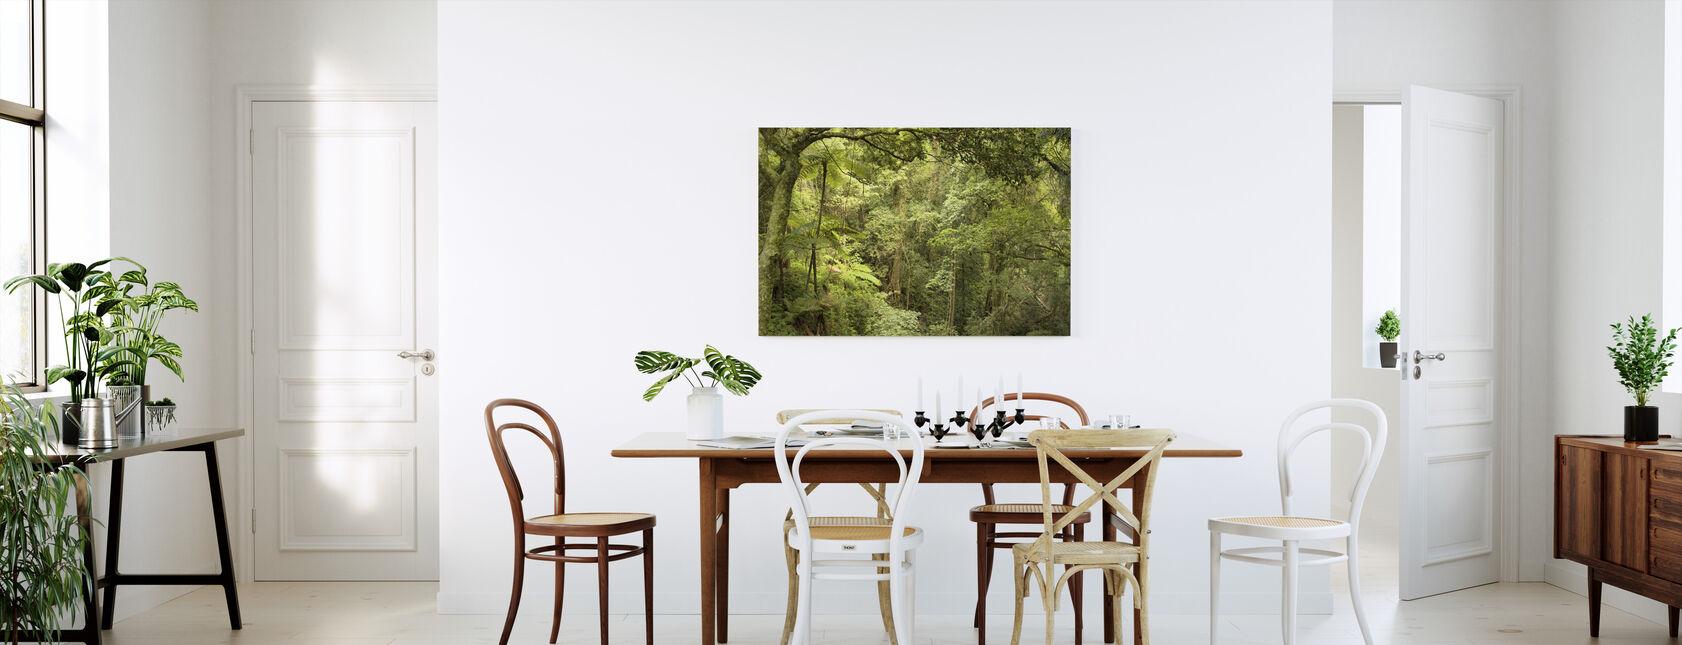 Bunya-bjergene National Park - Billede på lærred - Køkken